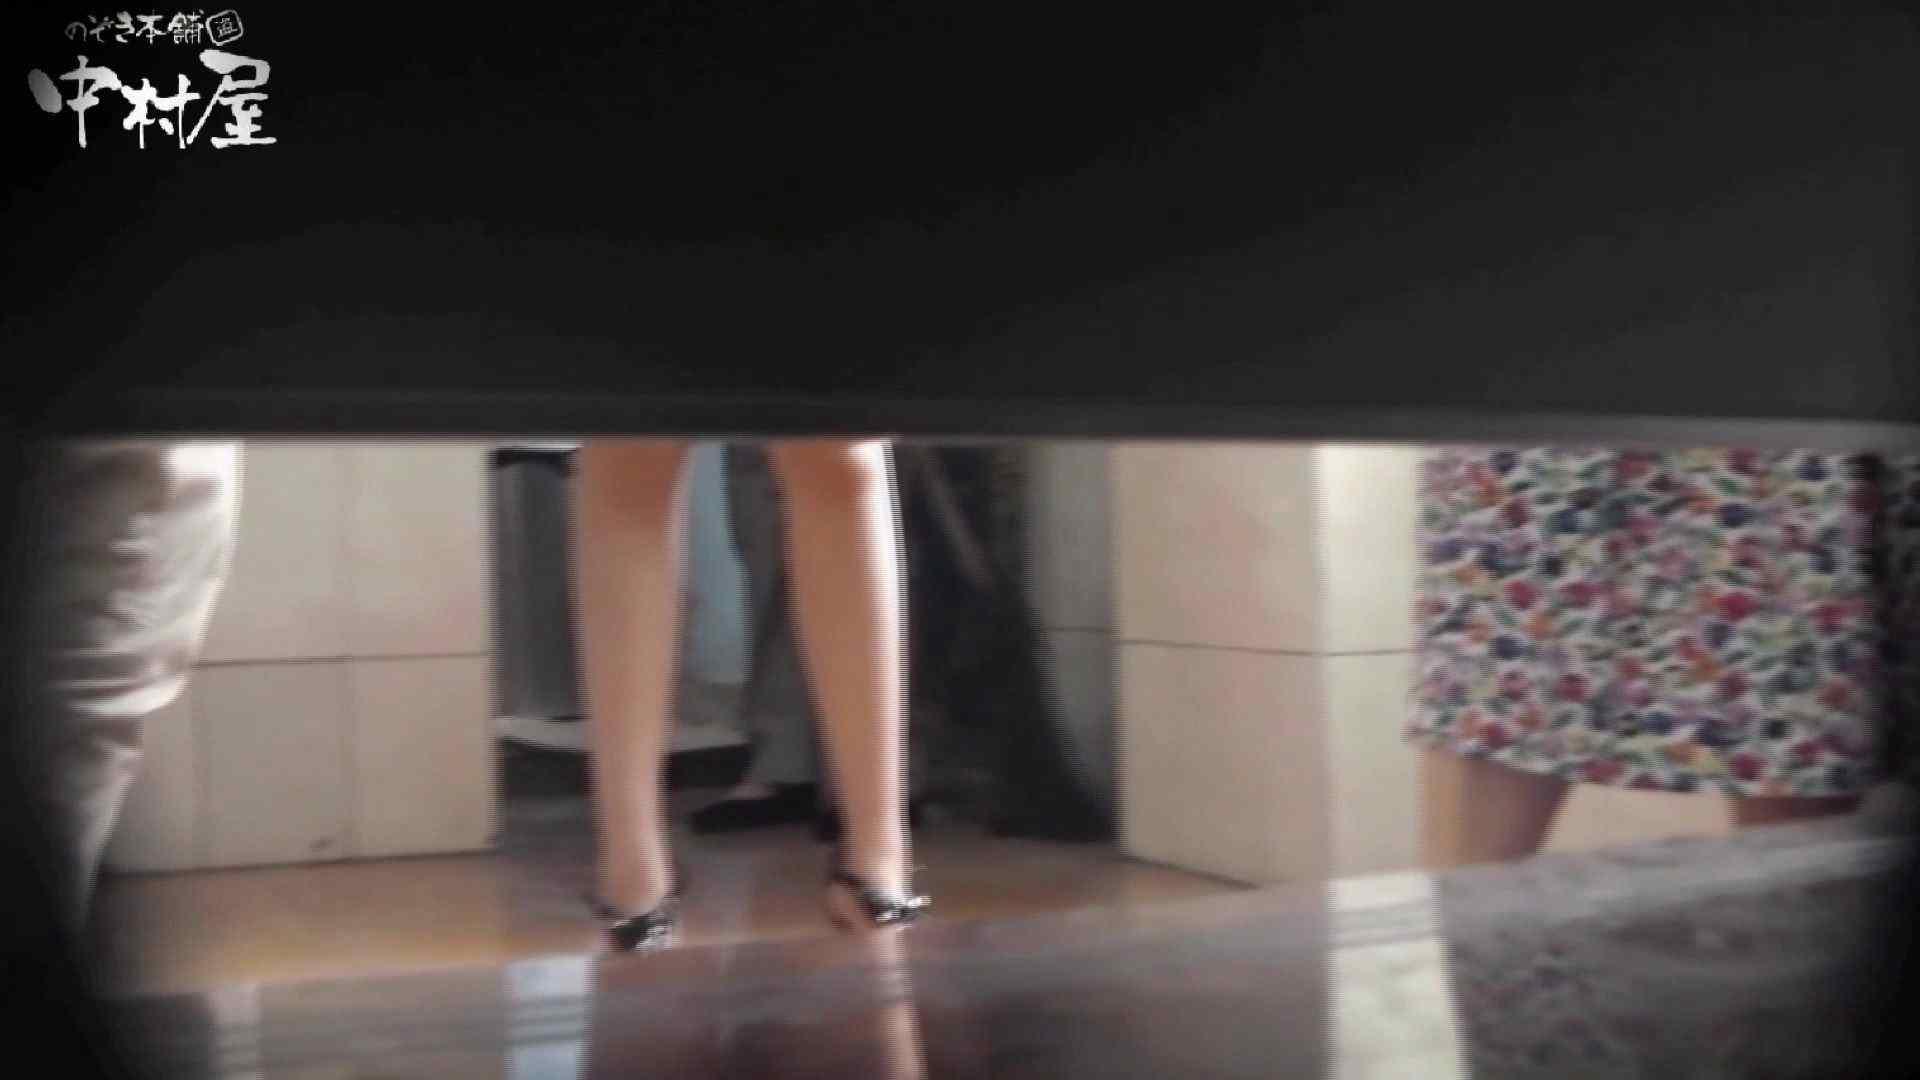 世界の射窓から~ステーション編~vol46 美女のアップが盛りだくさん。後編 美女 | HなOL  61pic 9